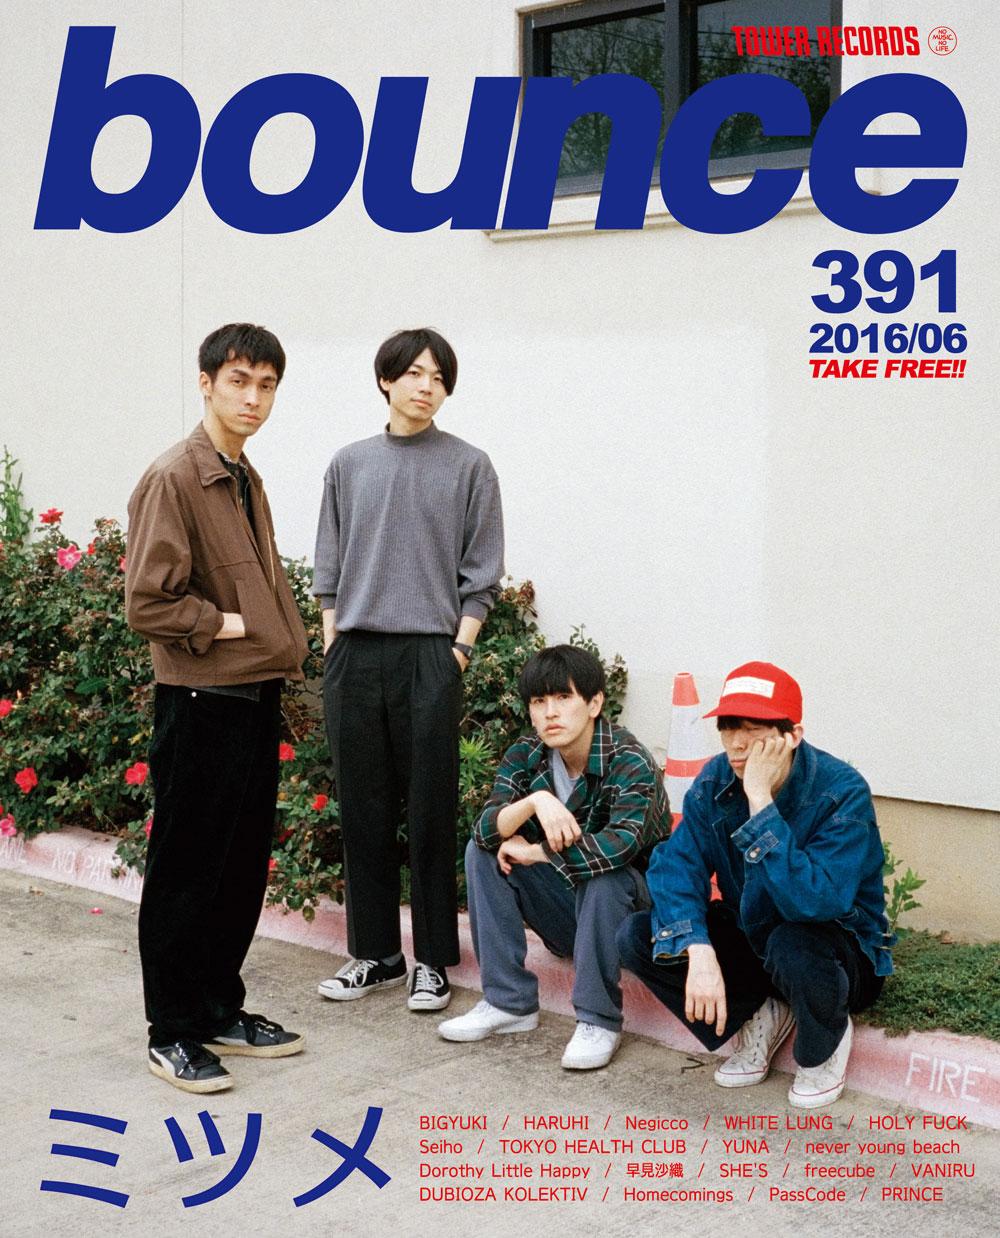 「bounce」391号に、ミツメが掲載されます。